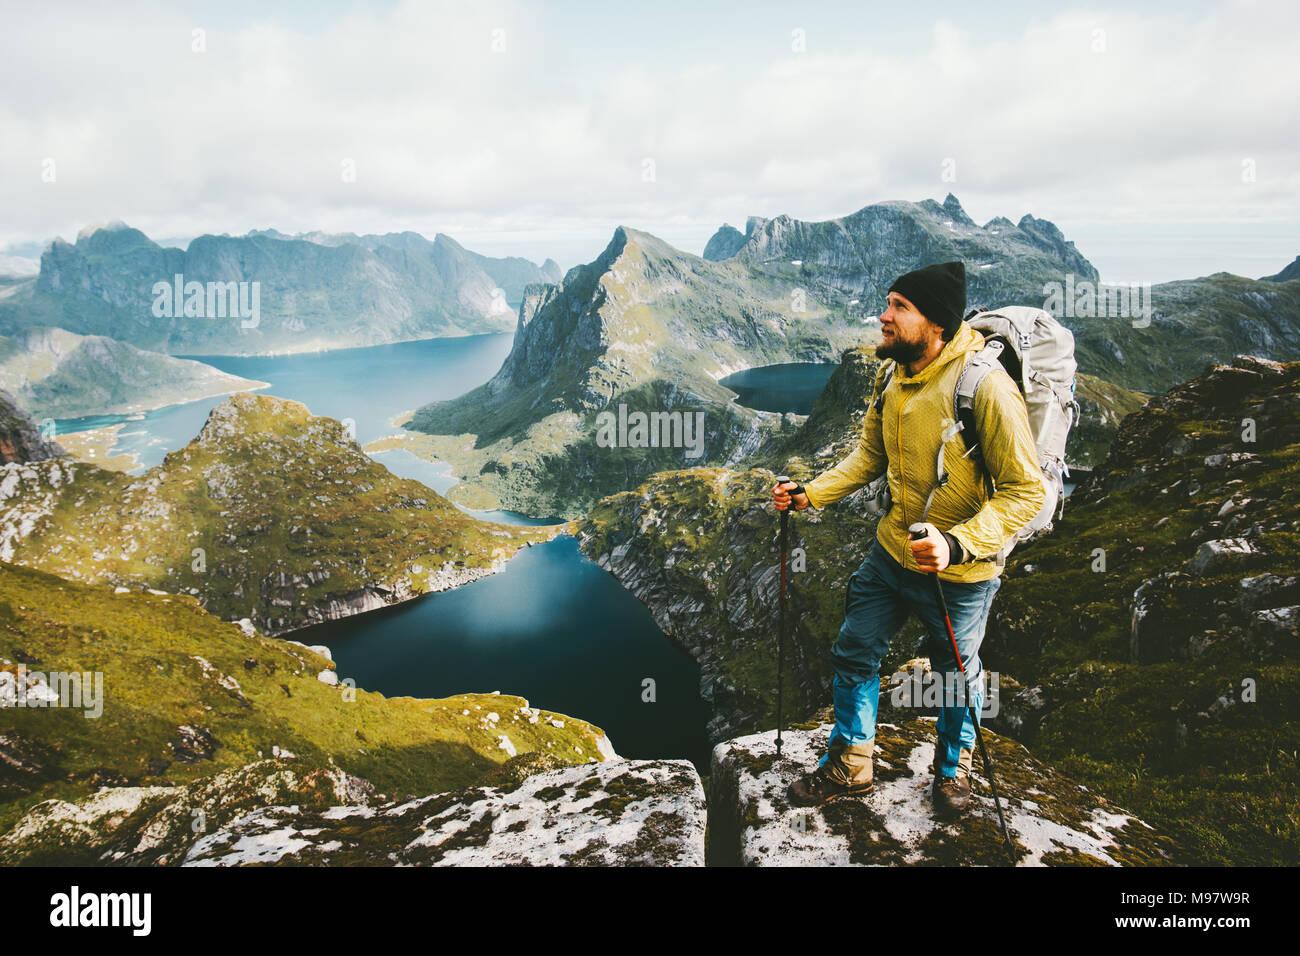 Hombre Barbado traveler de pie sobre el acantilado montaña en Noruega viajar con mochila saludable concepto de aventura senderismo activo o las vacaciones de verano Imagen De Stock